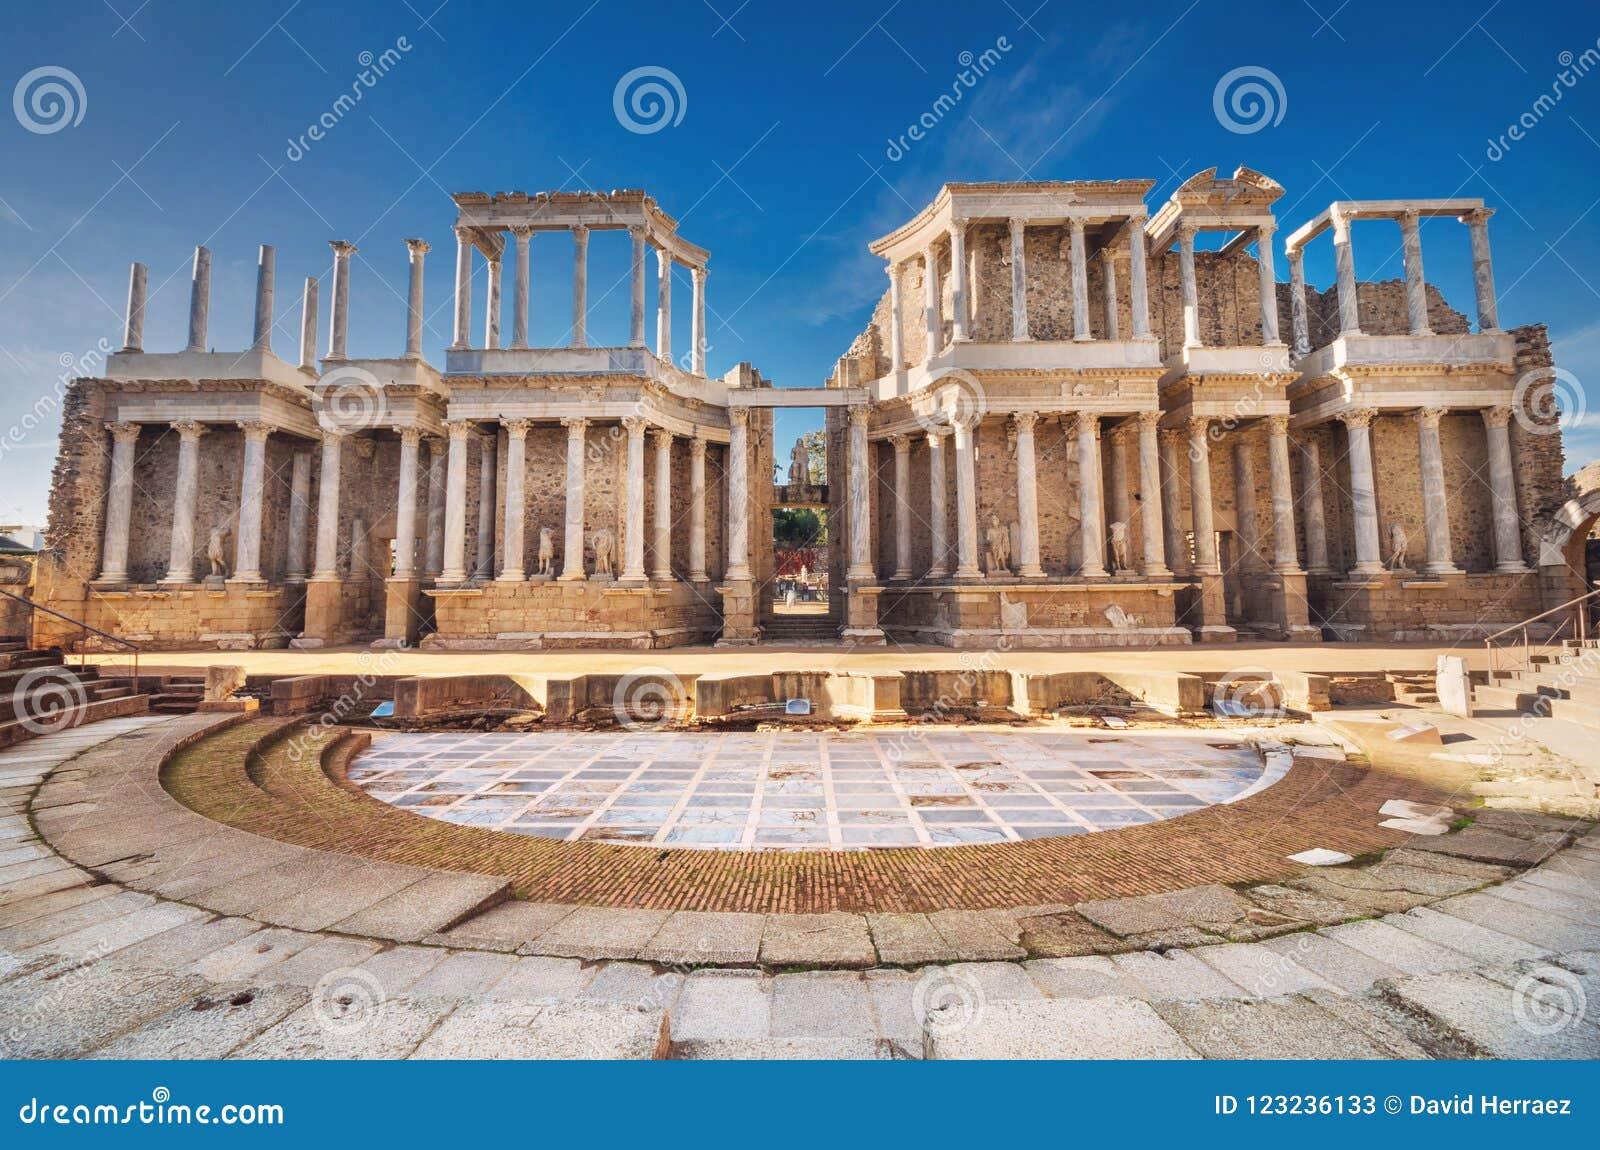 Römisches Theater Méridas, Mérida, Extremadura, Spanien